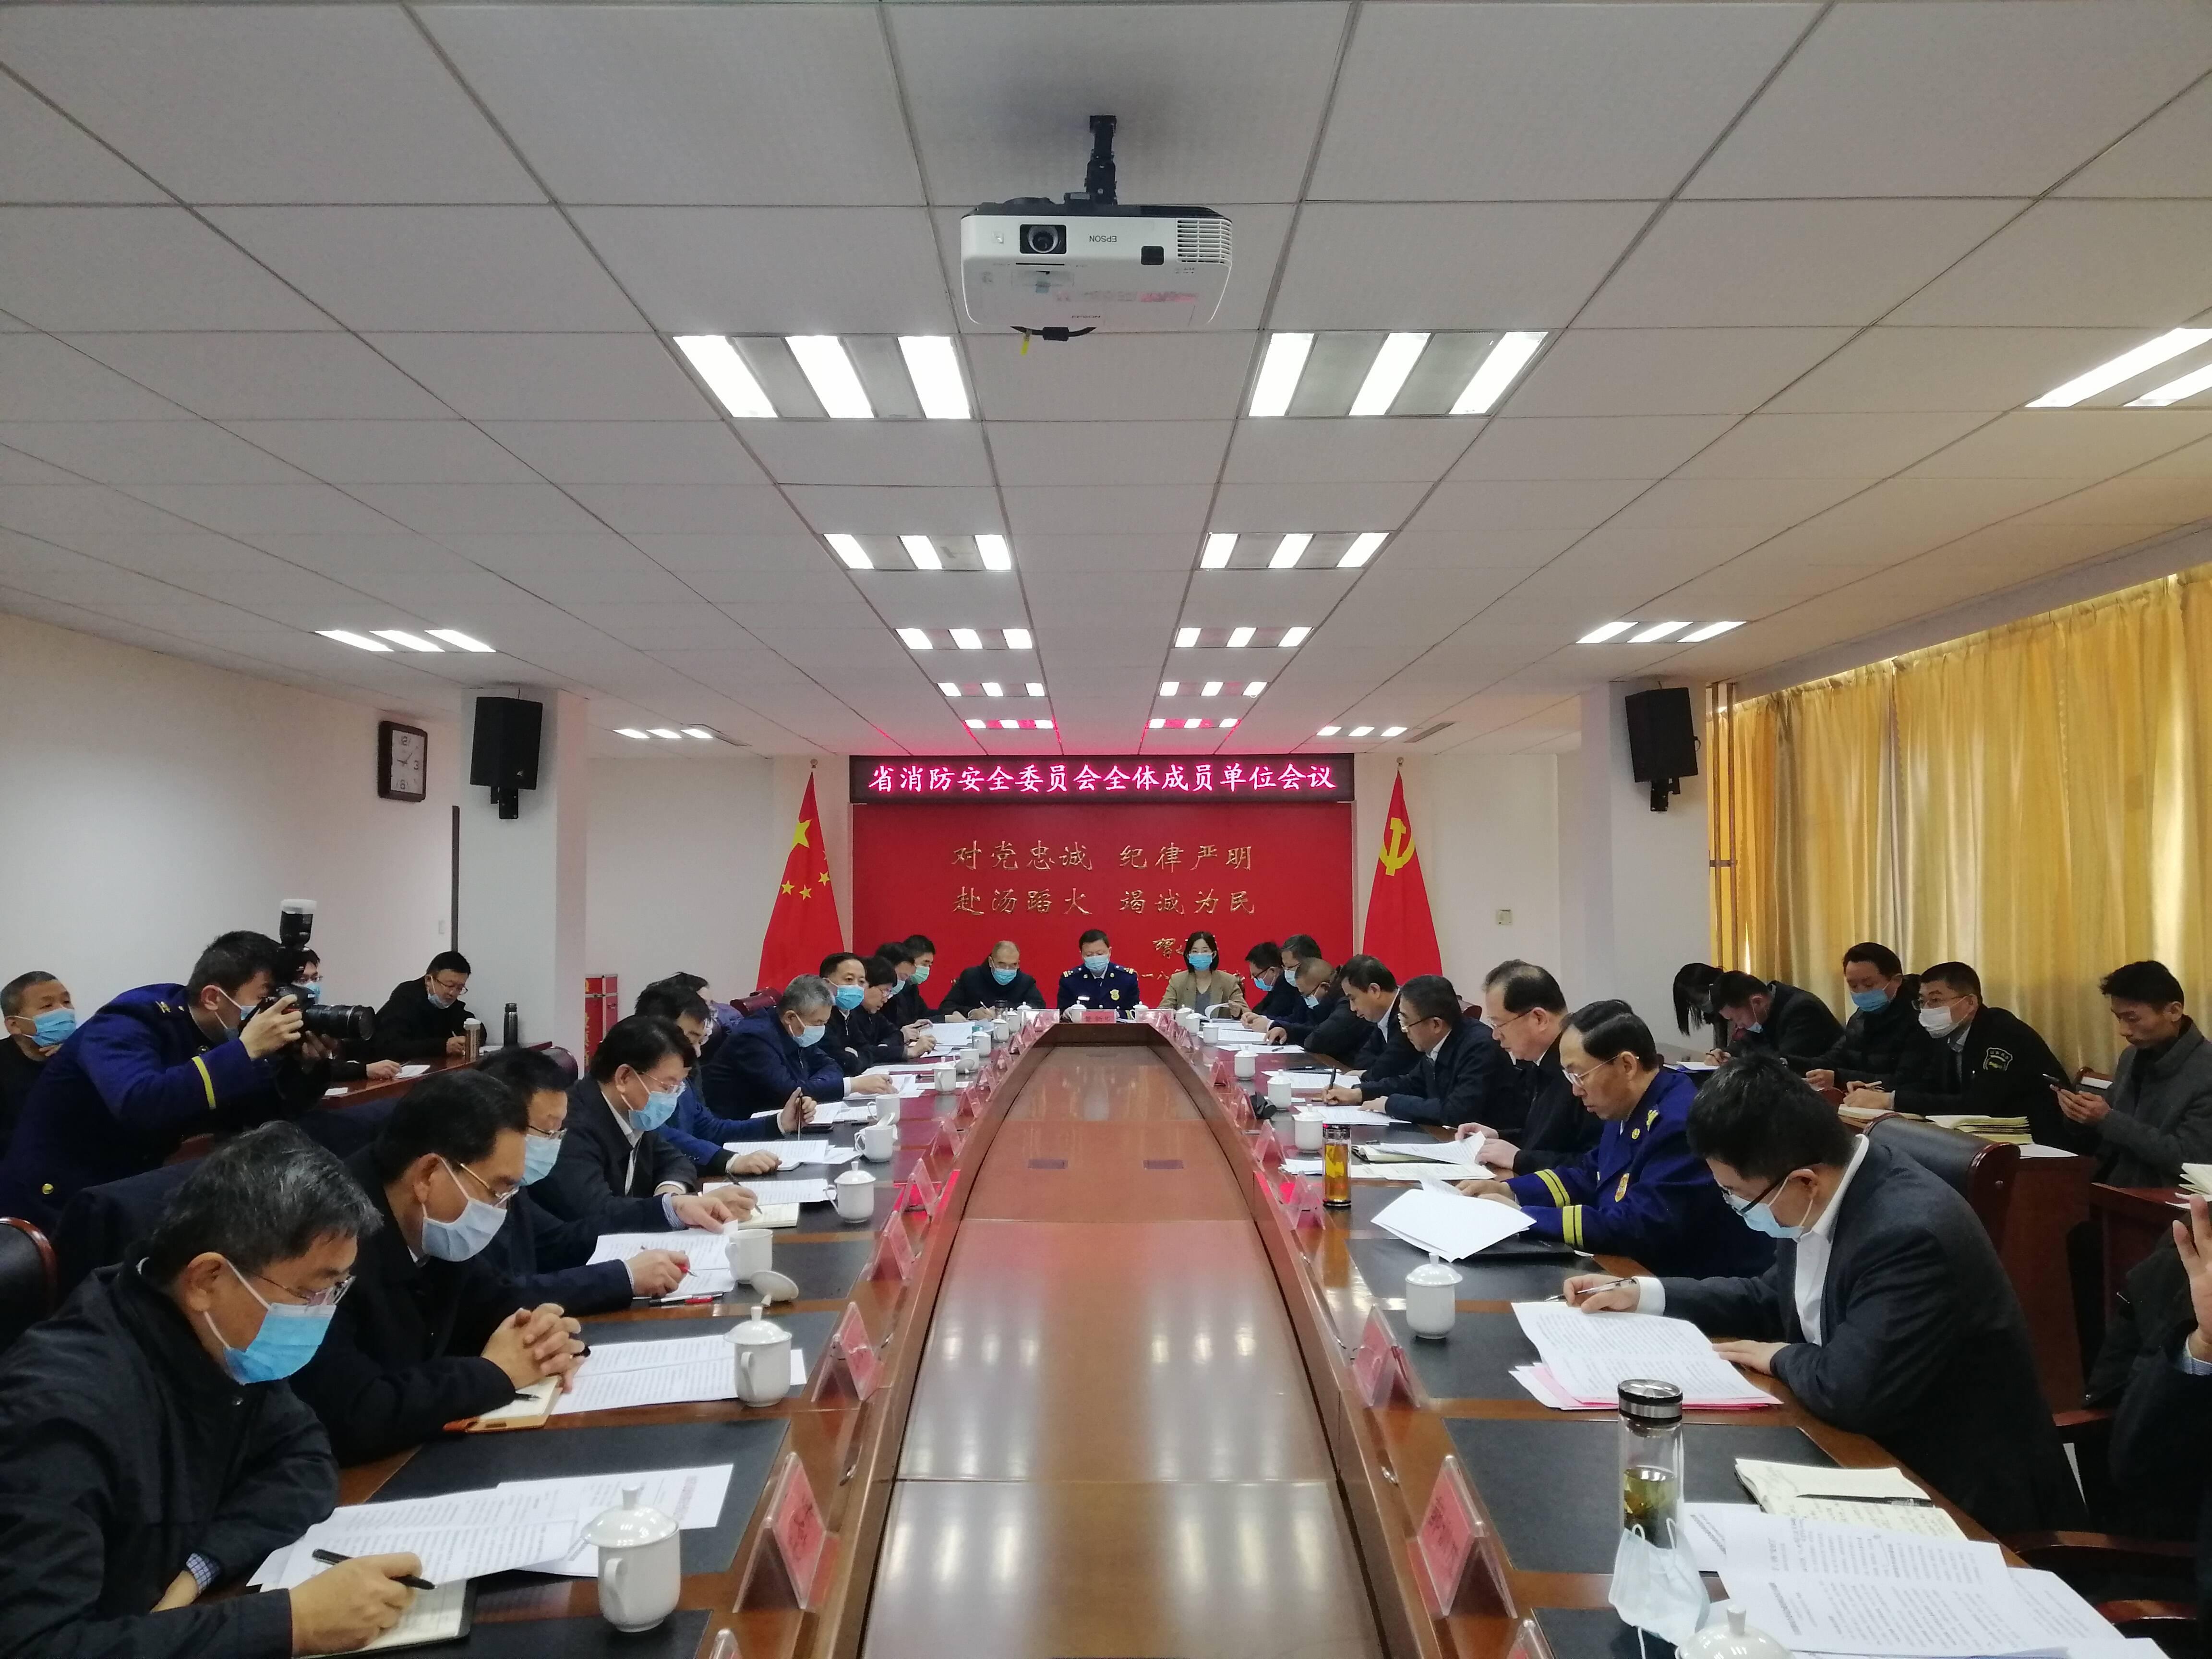 山东省政府消防安全委员会全体成员单位会议召开